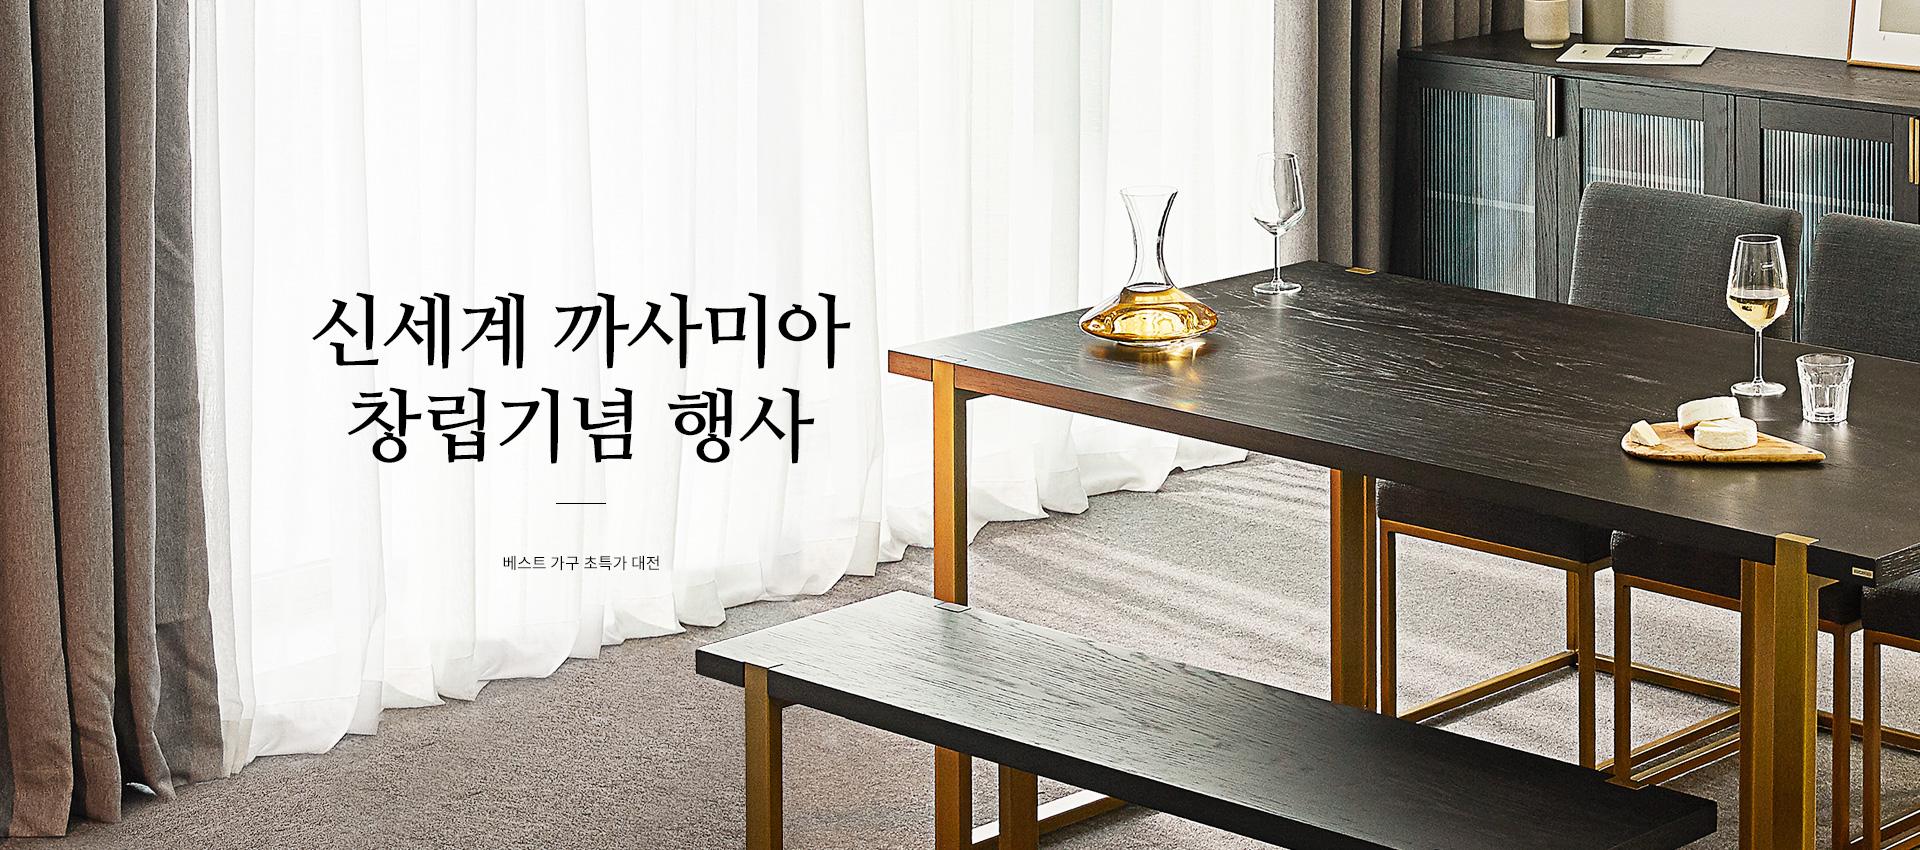 신세계 까사미아 창립기념 초특가 대전